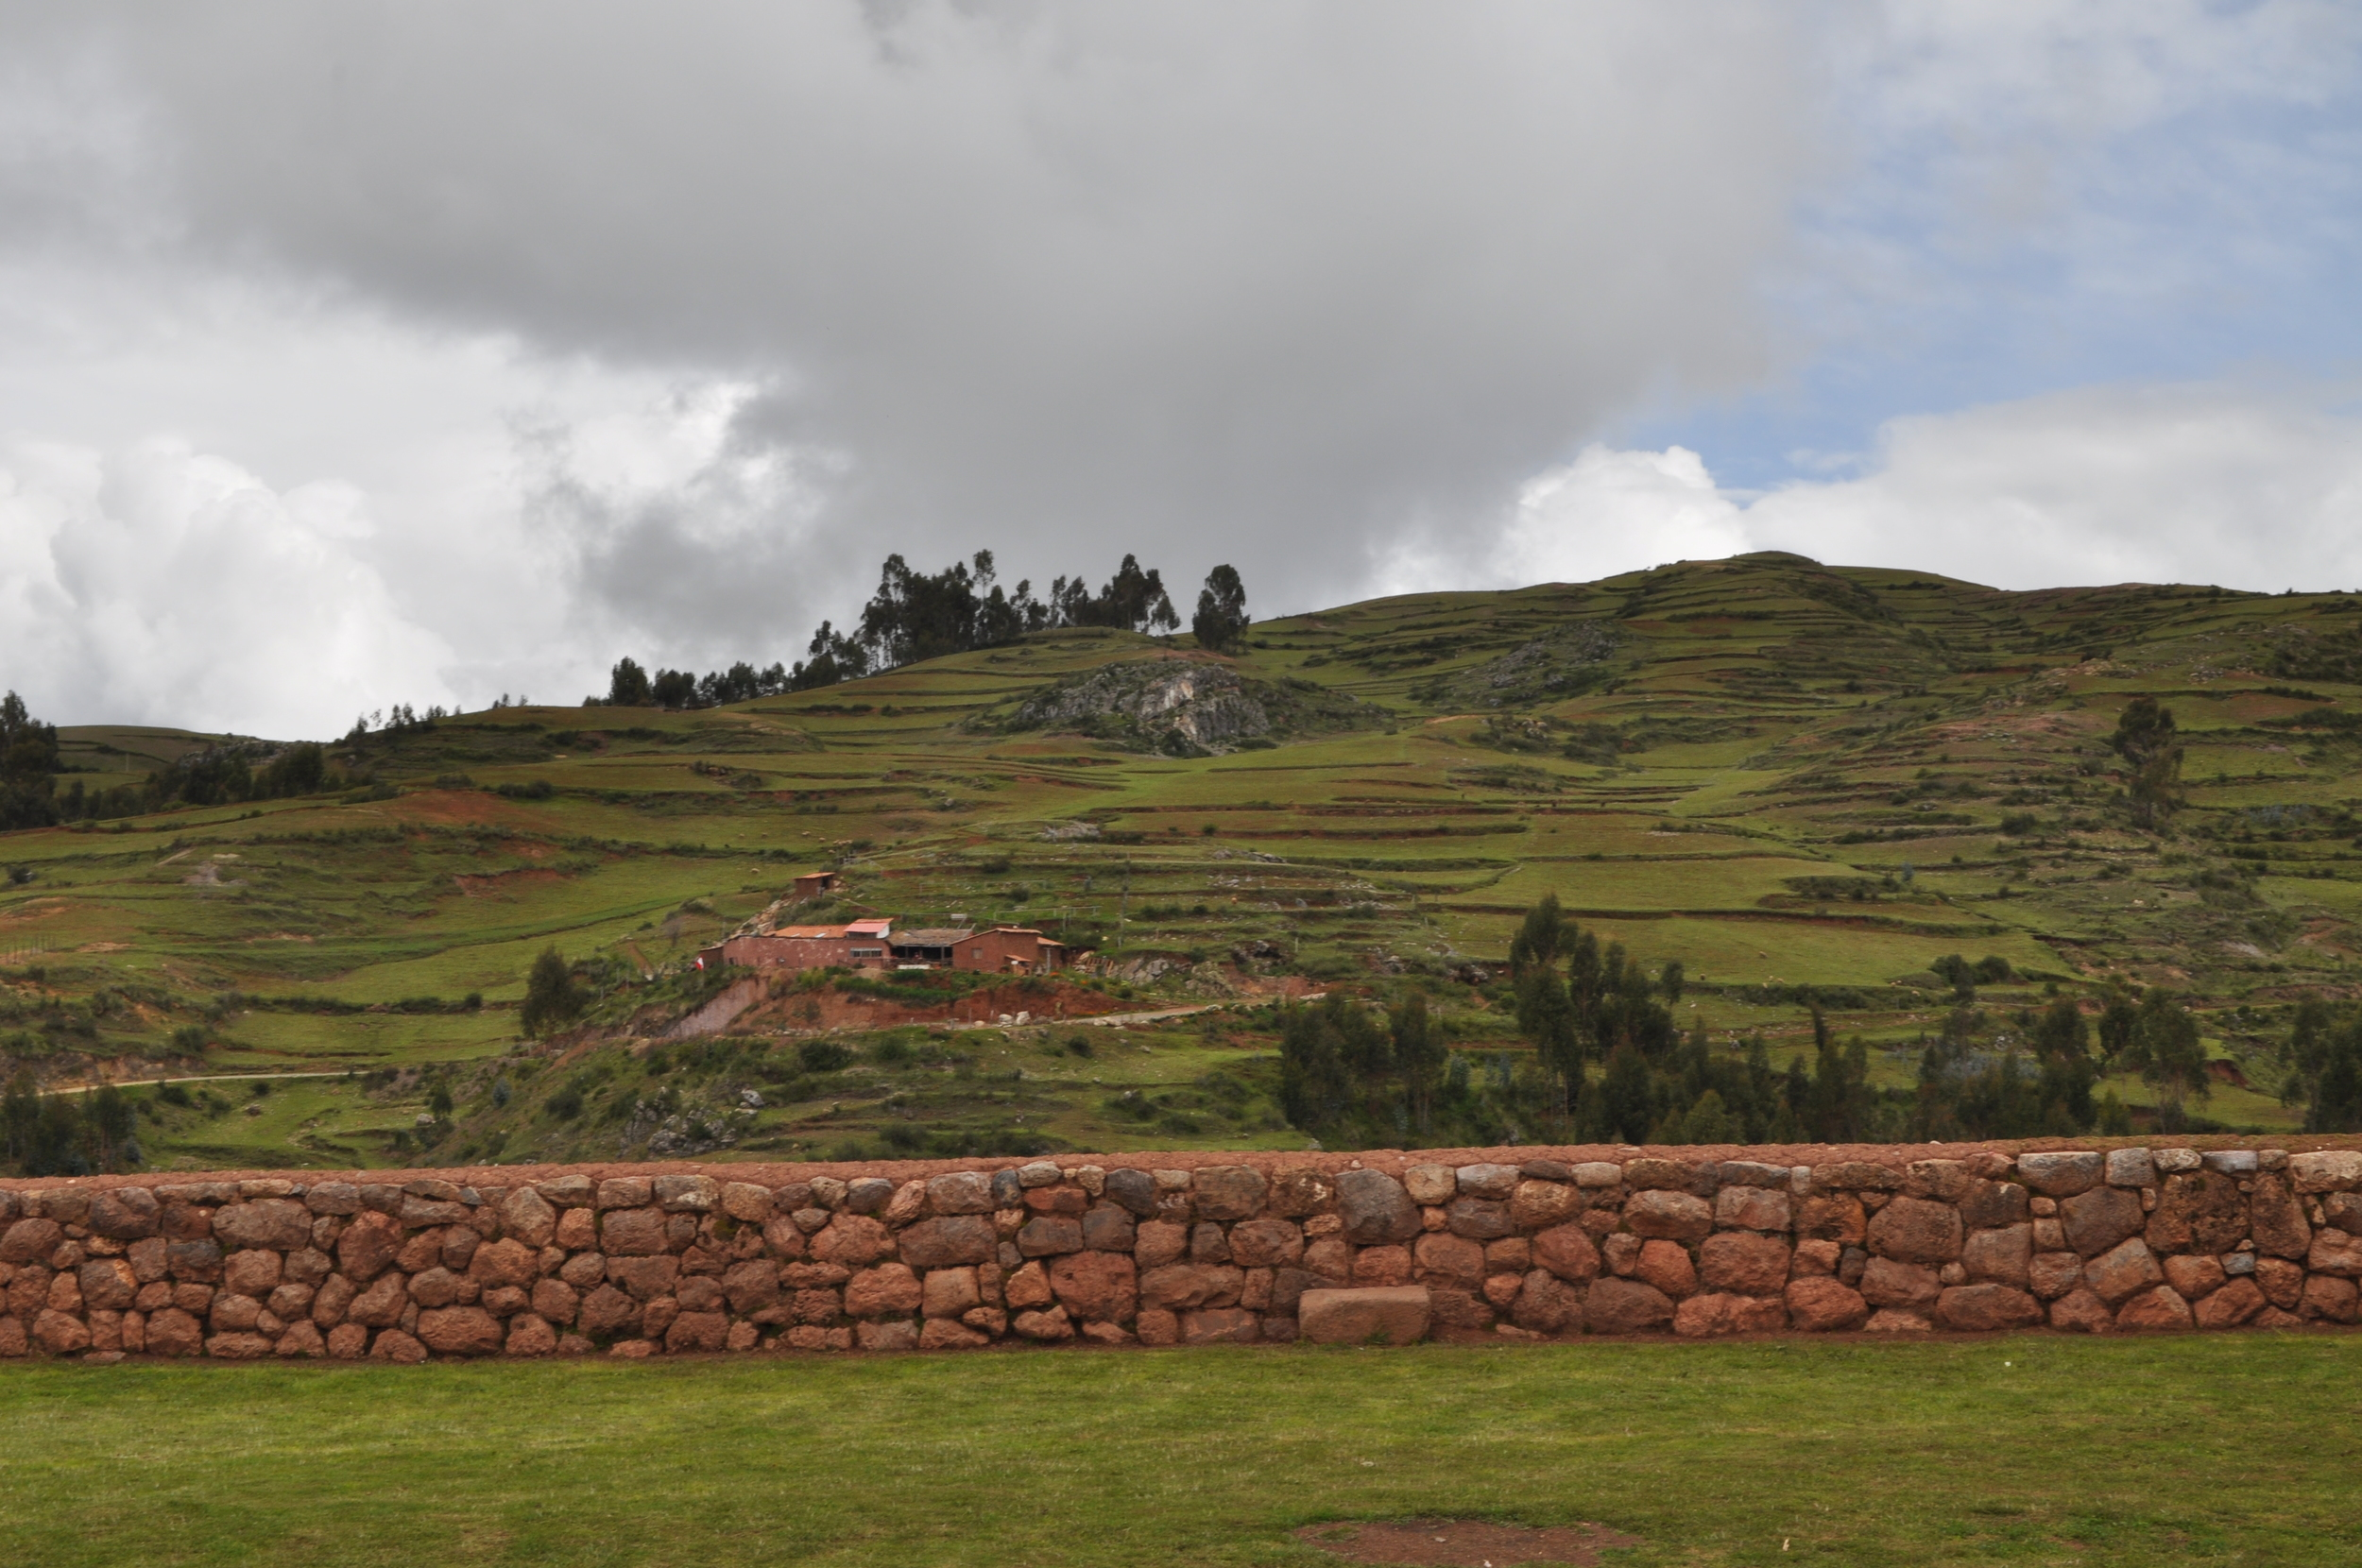 Este pueblo también se caracteriza por el paisaje que se vislumbra desde sus tierras. Foto: Pamy Rojas